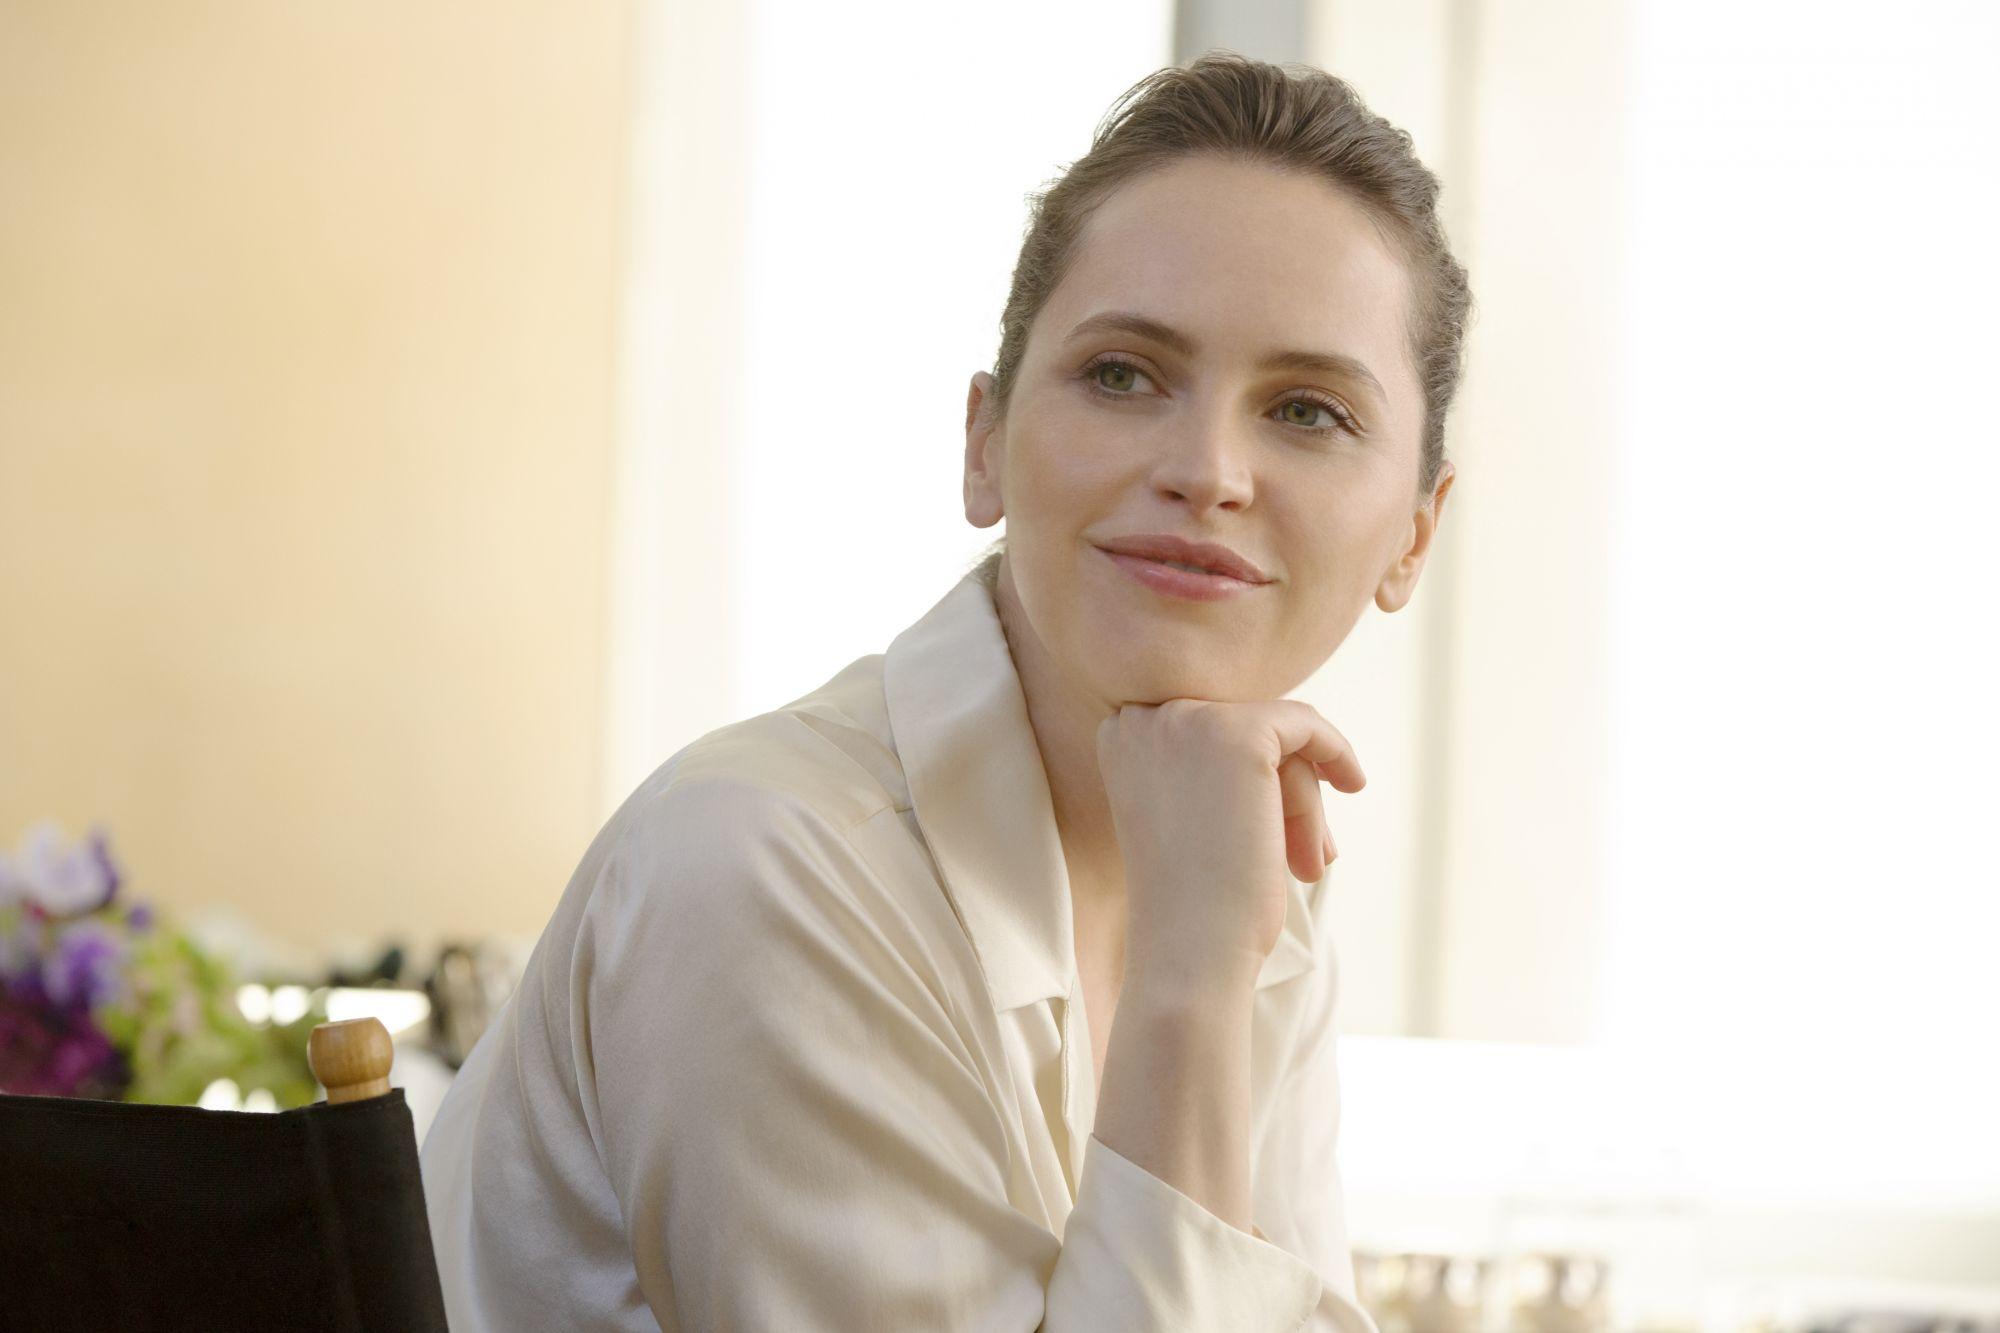 底妝第一步:選擇完美妝前乳!盤點10款修飾泛紅、暗沉、蠟黃神品,回歸透亮肌底!